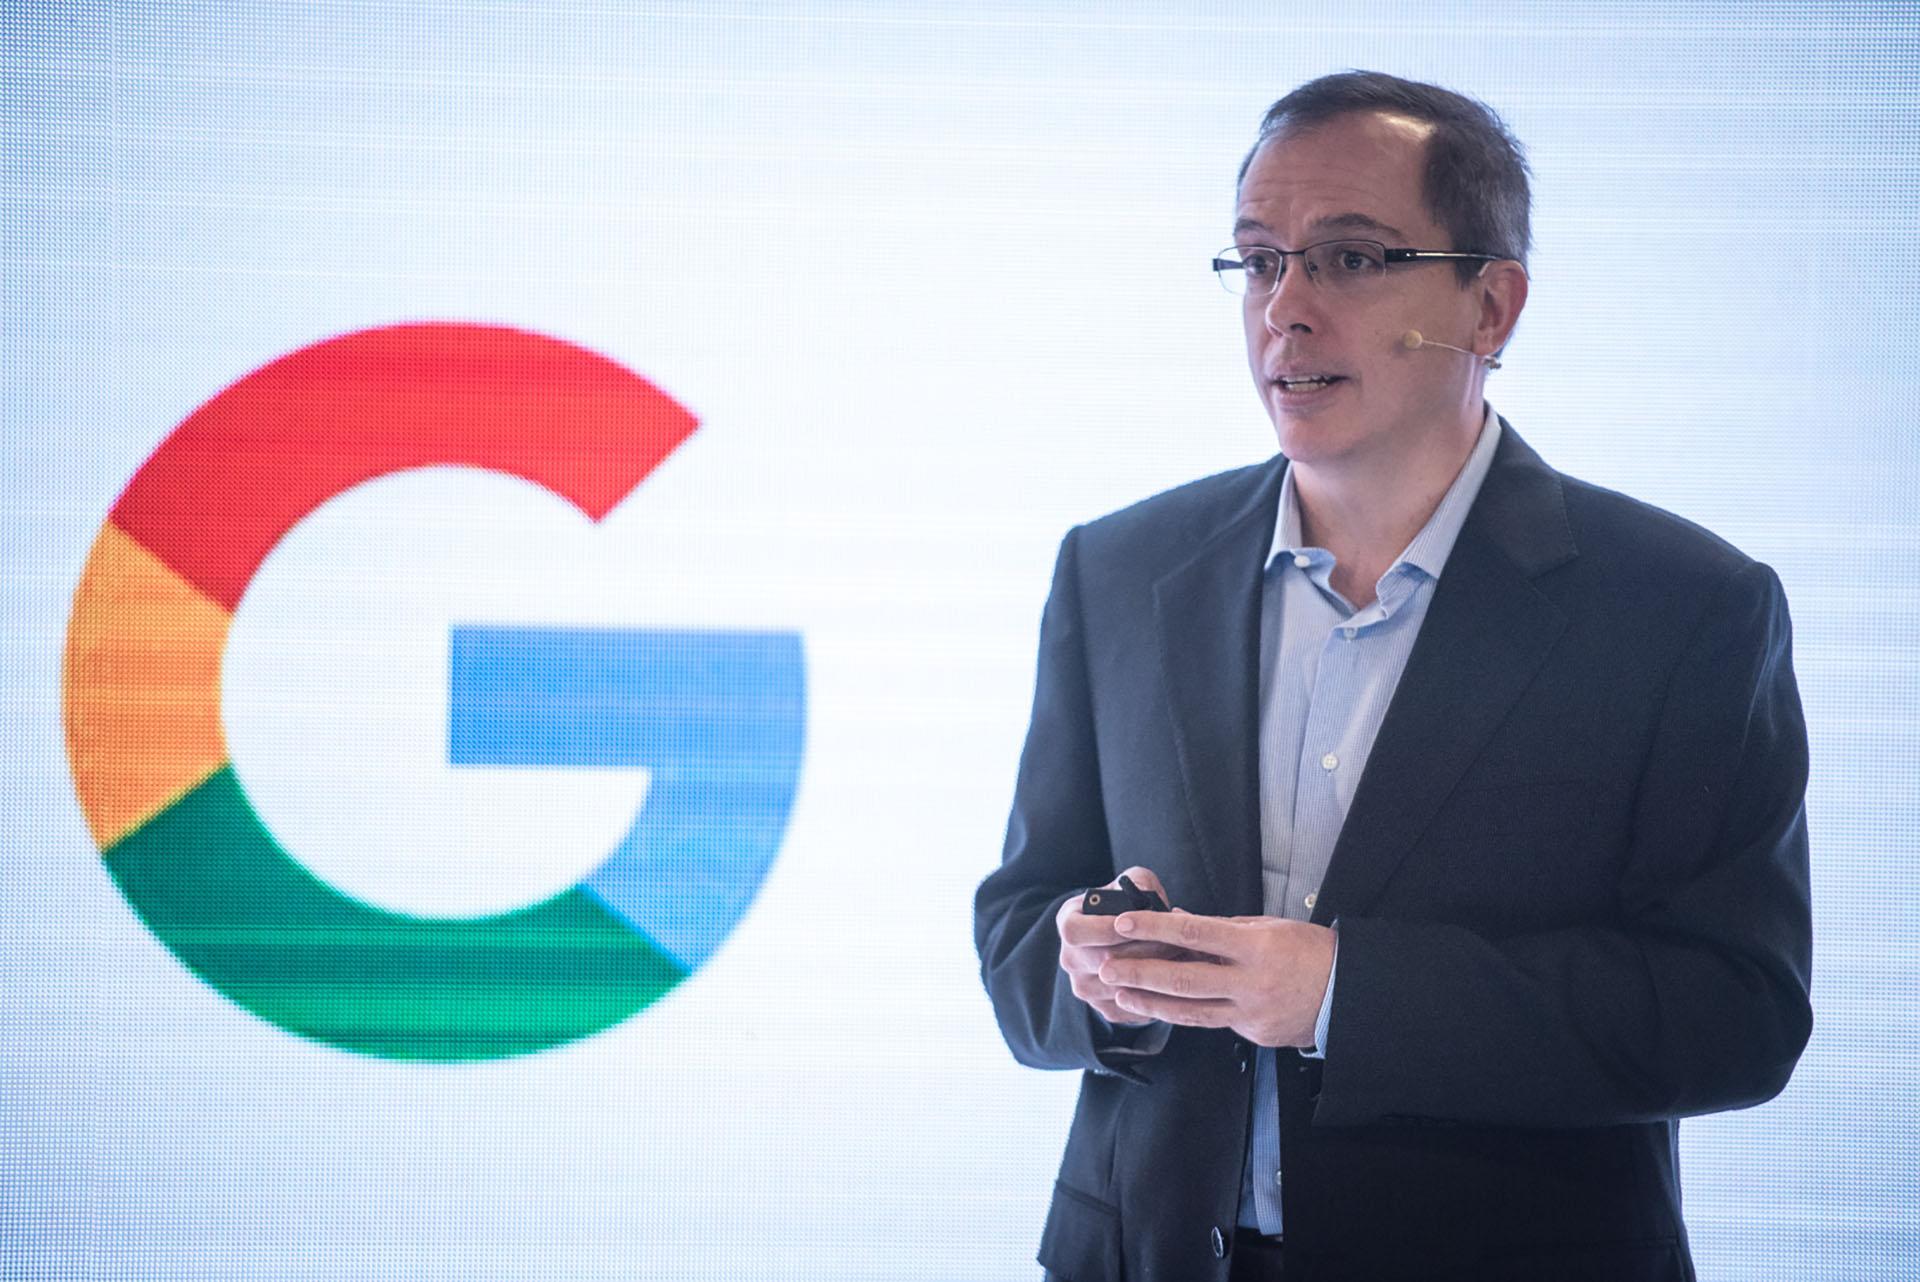 Daniel Alegre, presidente de Acuerdos Globales de Google y uno de los responsables de la apertura de la sede local destacó el espíritu emprendedor de los argentinos